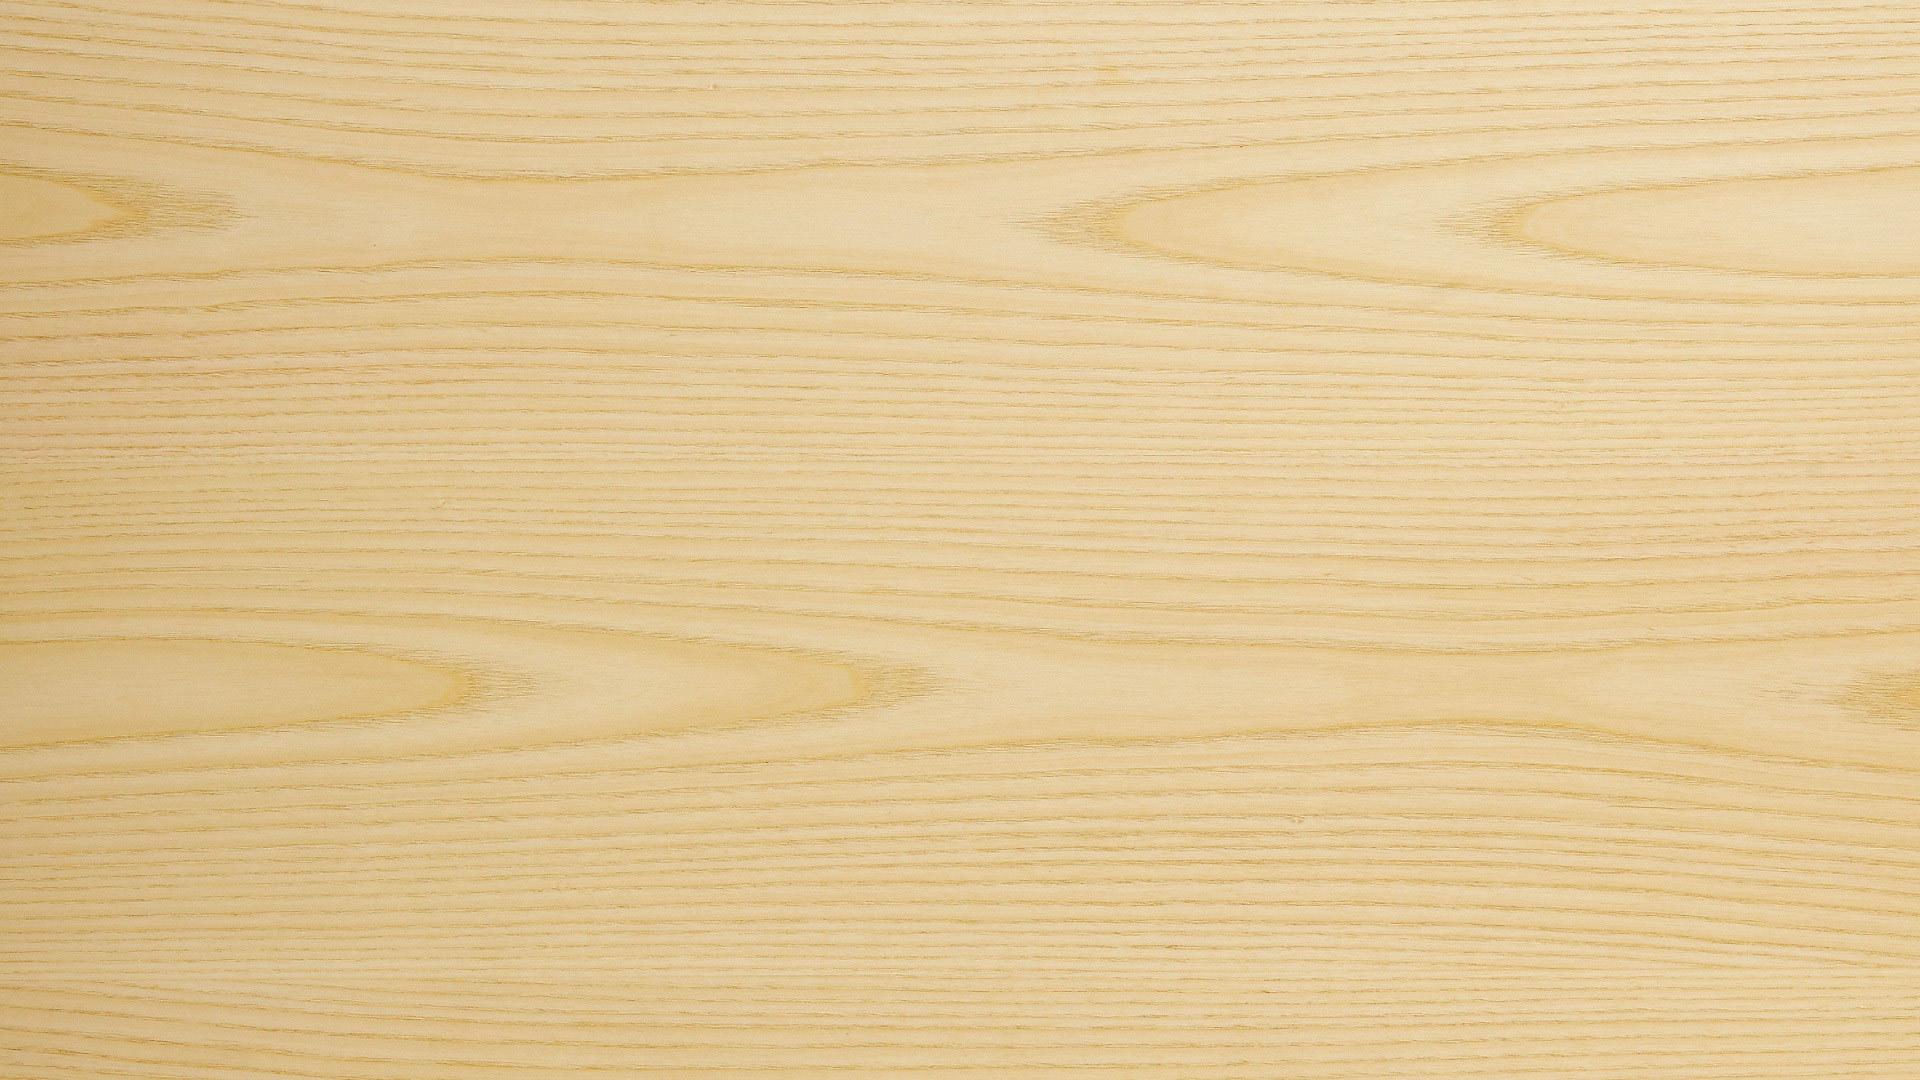 进口白蜡木皮360°包裹,天然木纹质感